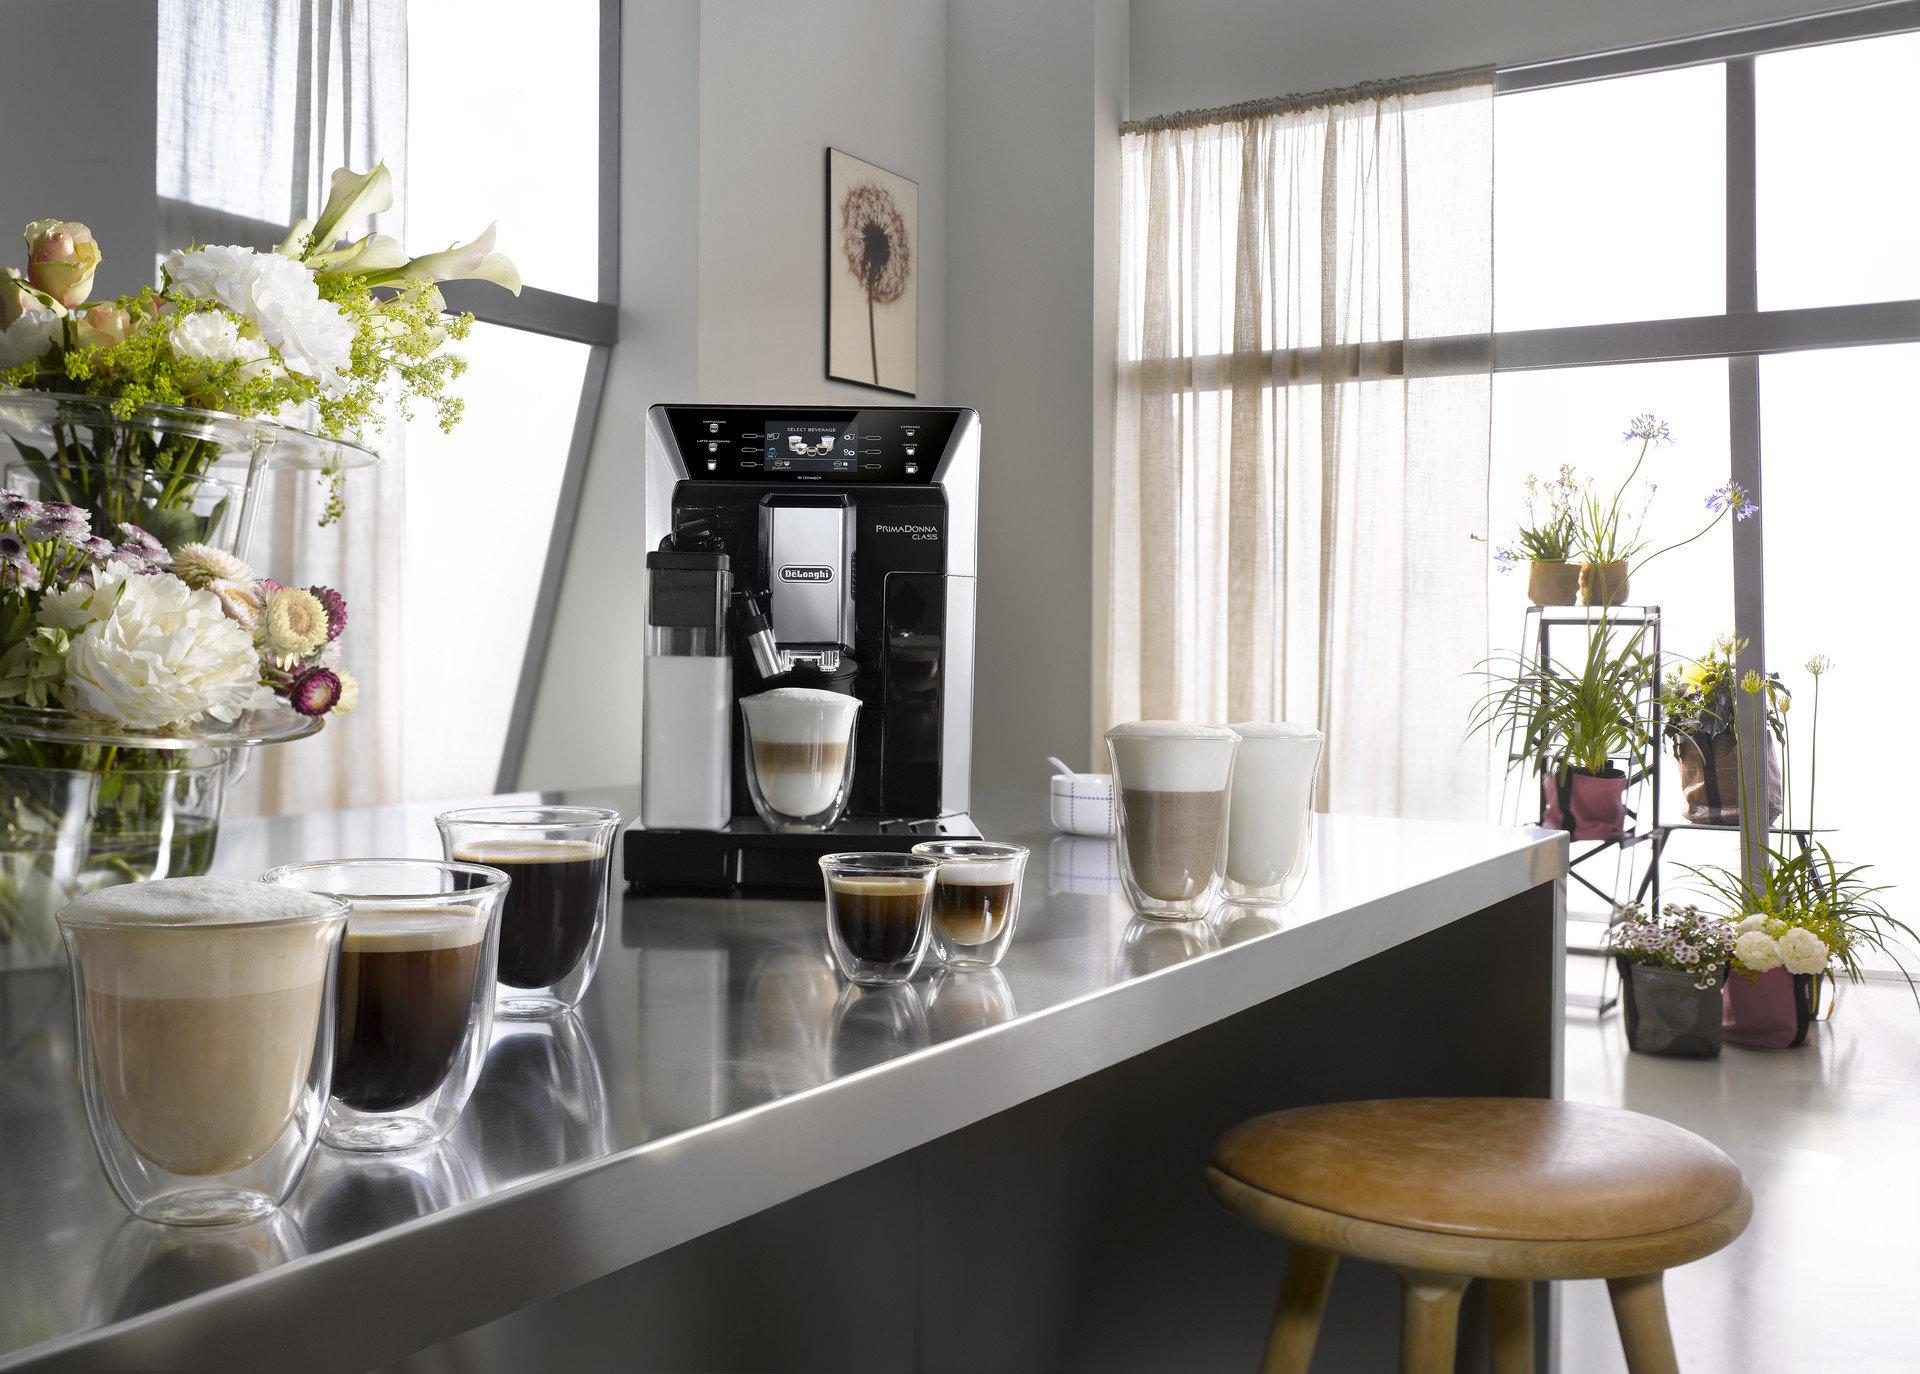 Optez pour les laits d'origine végétale avec la machine à café automatique PrimaDonna Class de De'Longhi